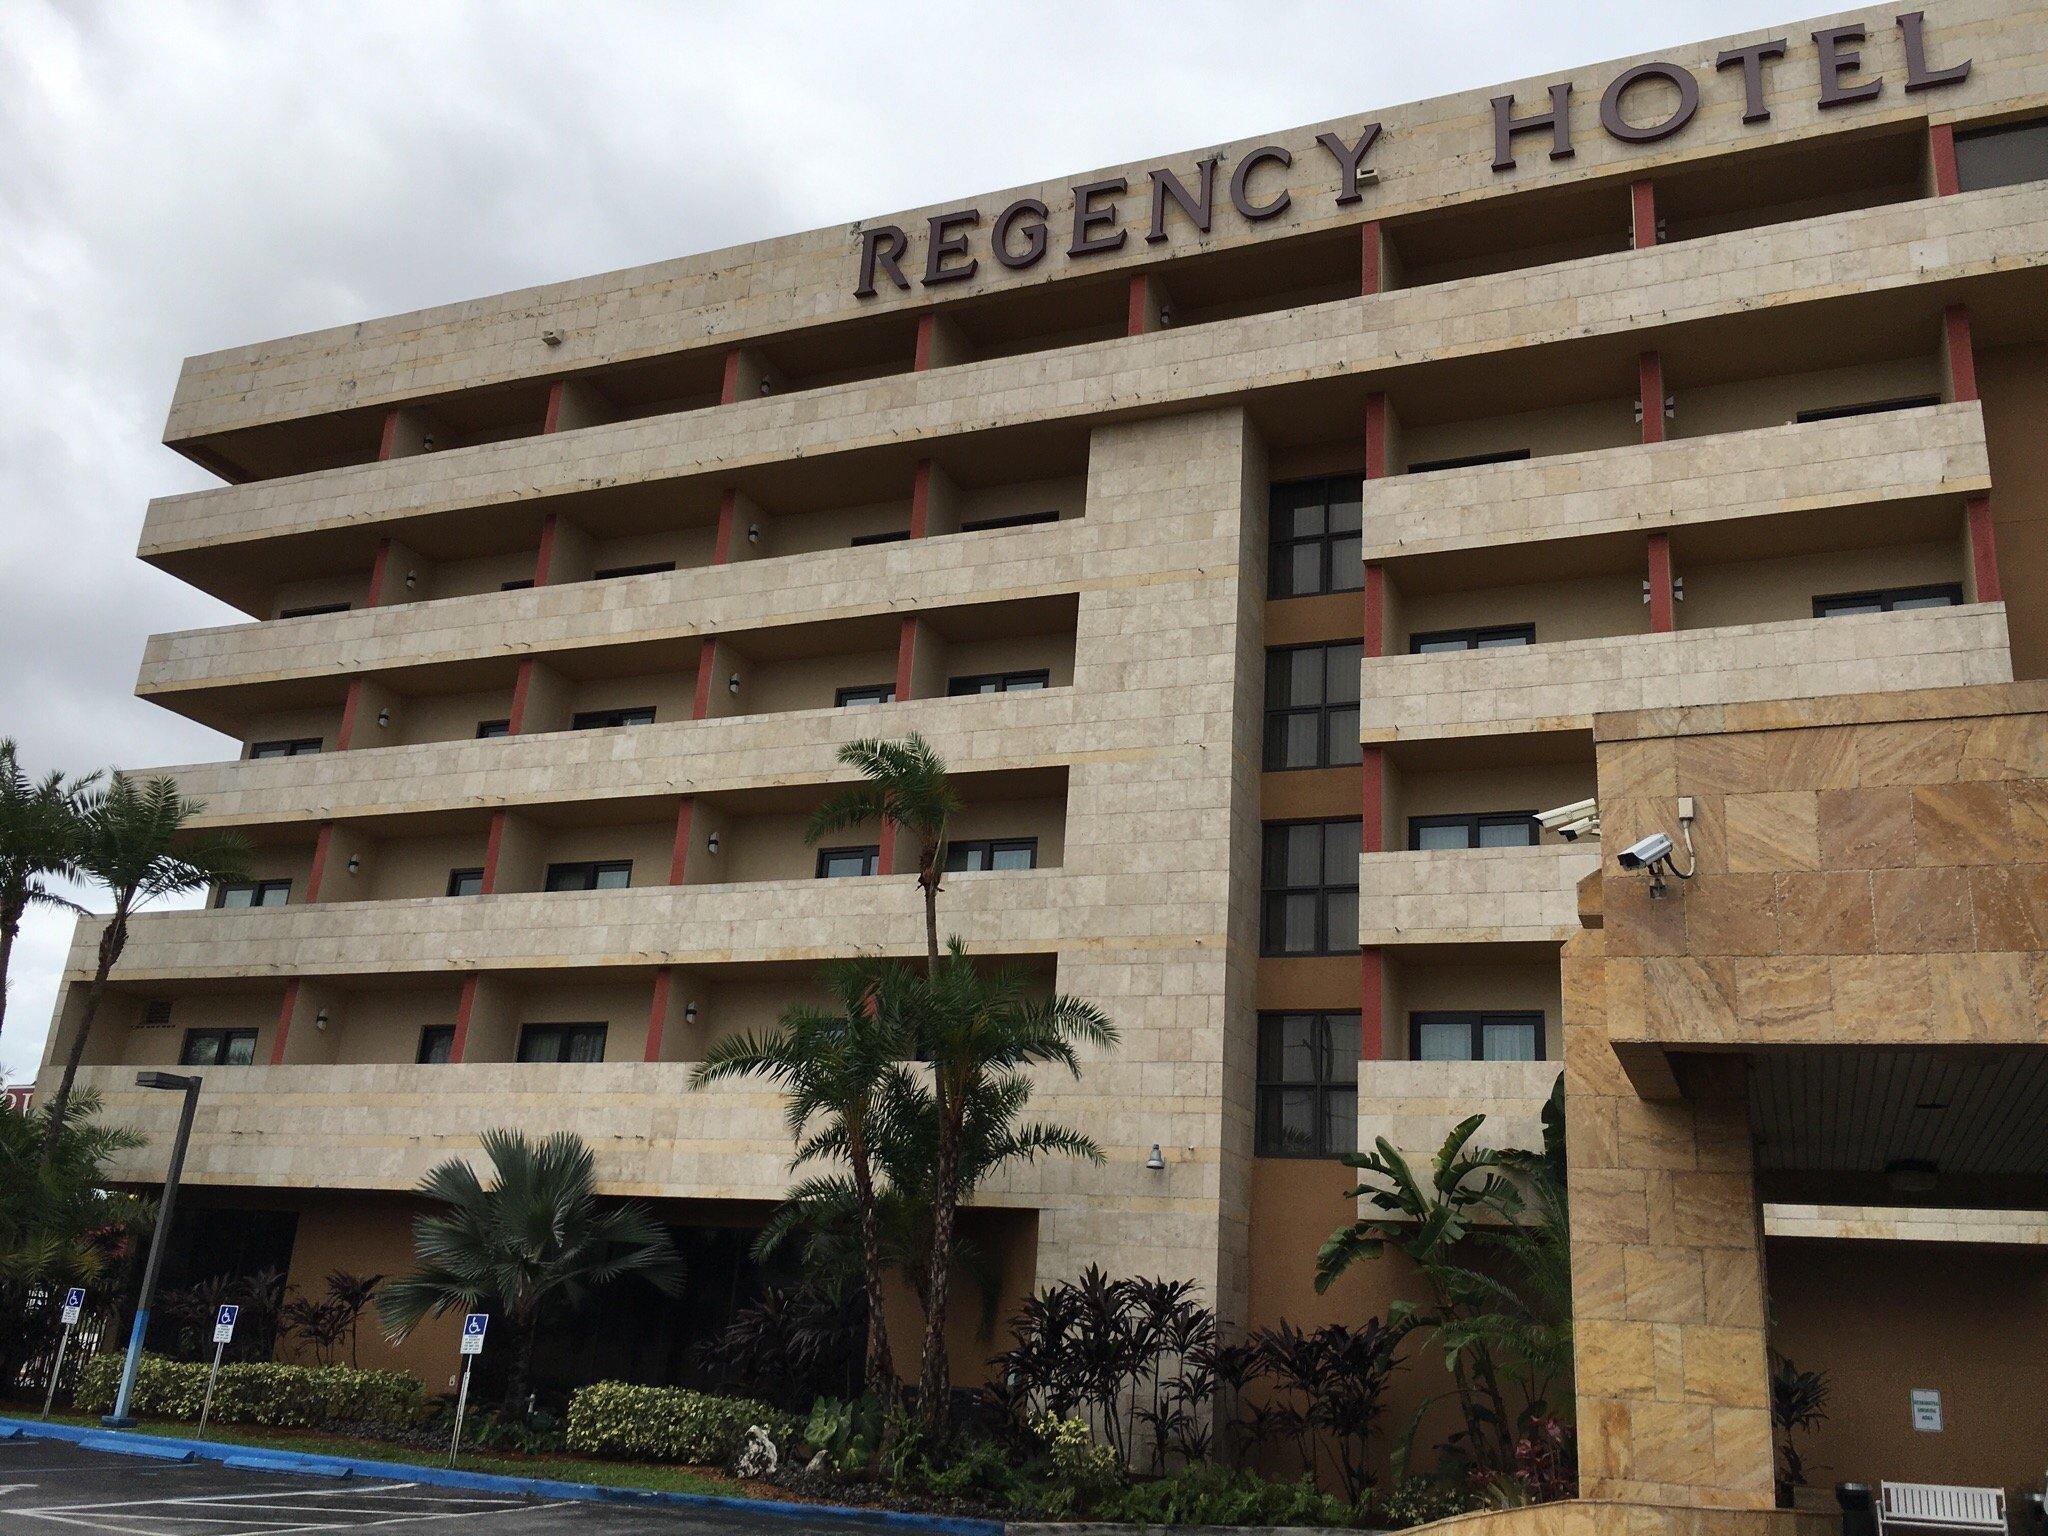 에어포트 리젠시 호텔